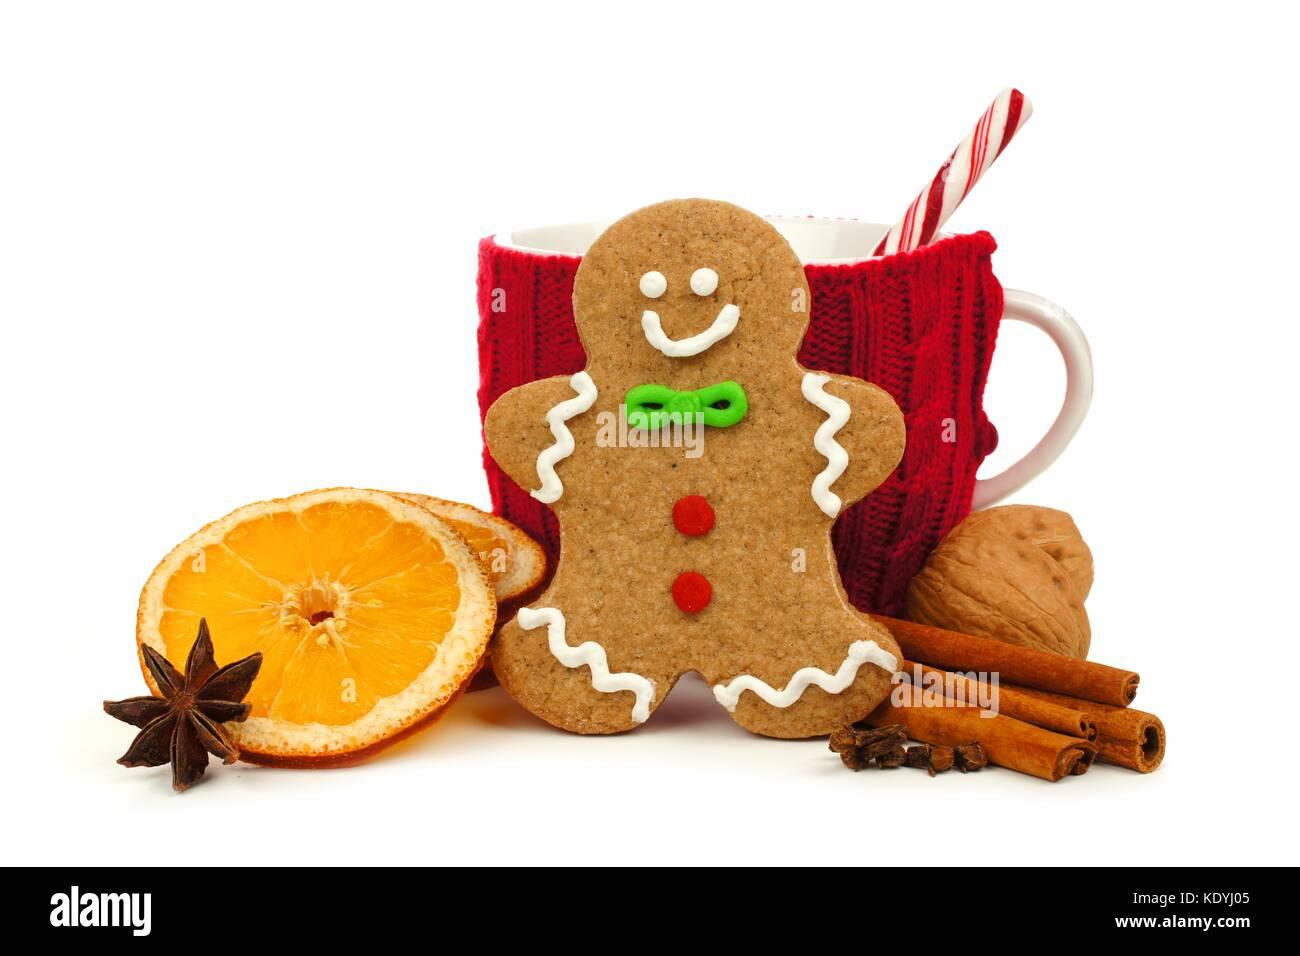 Weihnachten Lebkuchen Mann mit festlichen Tasse und Urlaub Gewürze auf einem weissem Hintergrund Stockbild